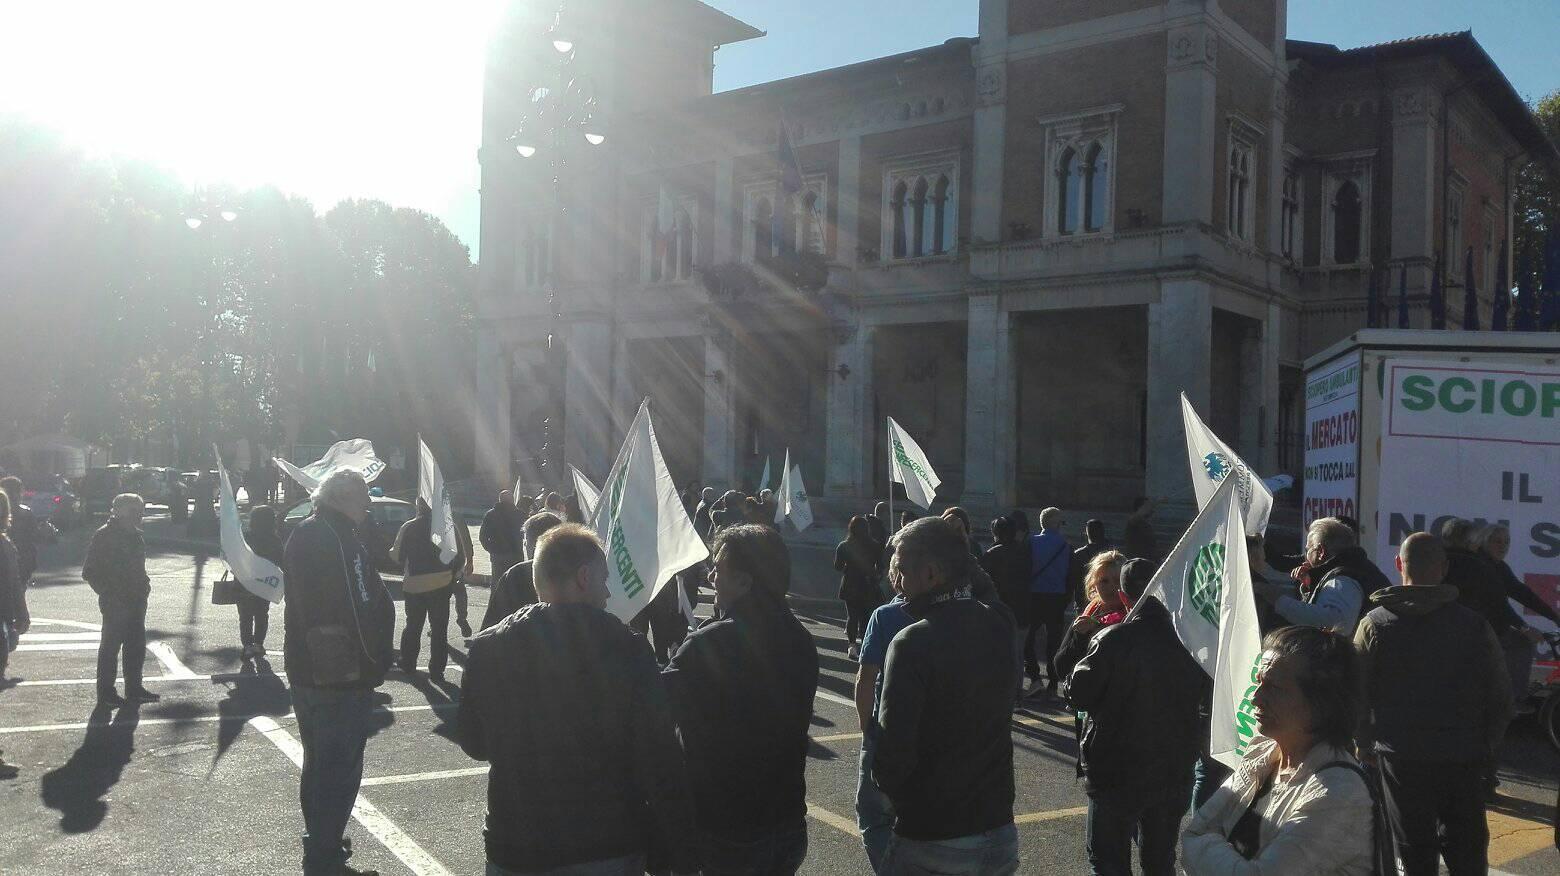 Mercato, richiesta seduta di Consiglio urgente: la maggioranza posticipa, opposizione all'attacco